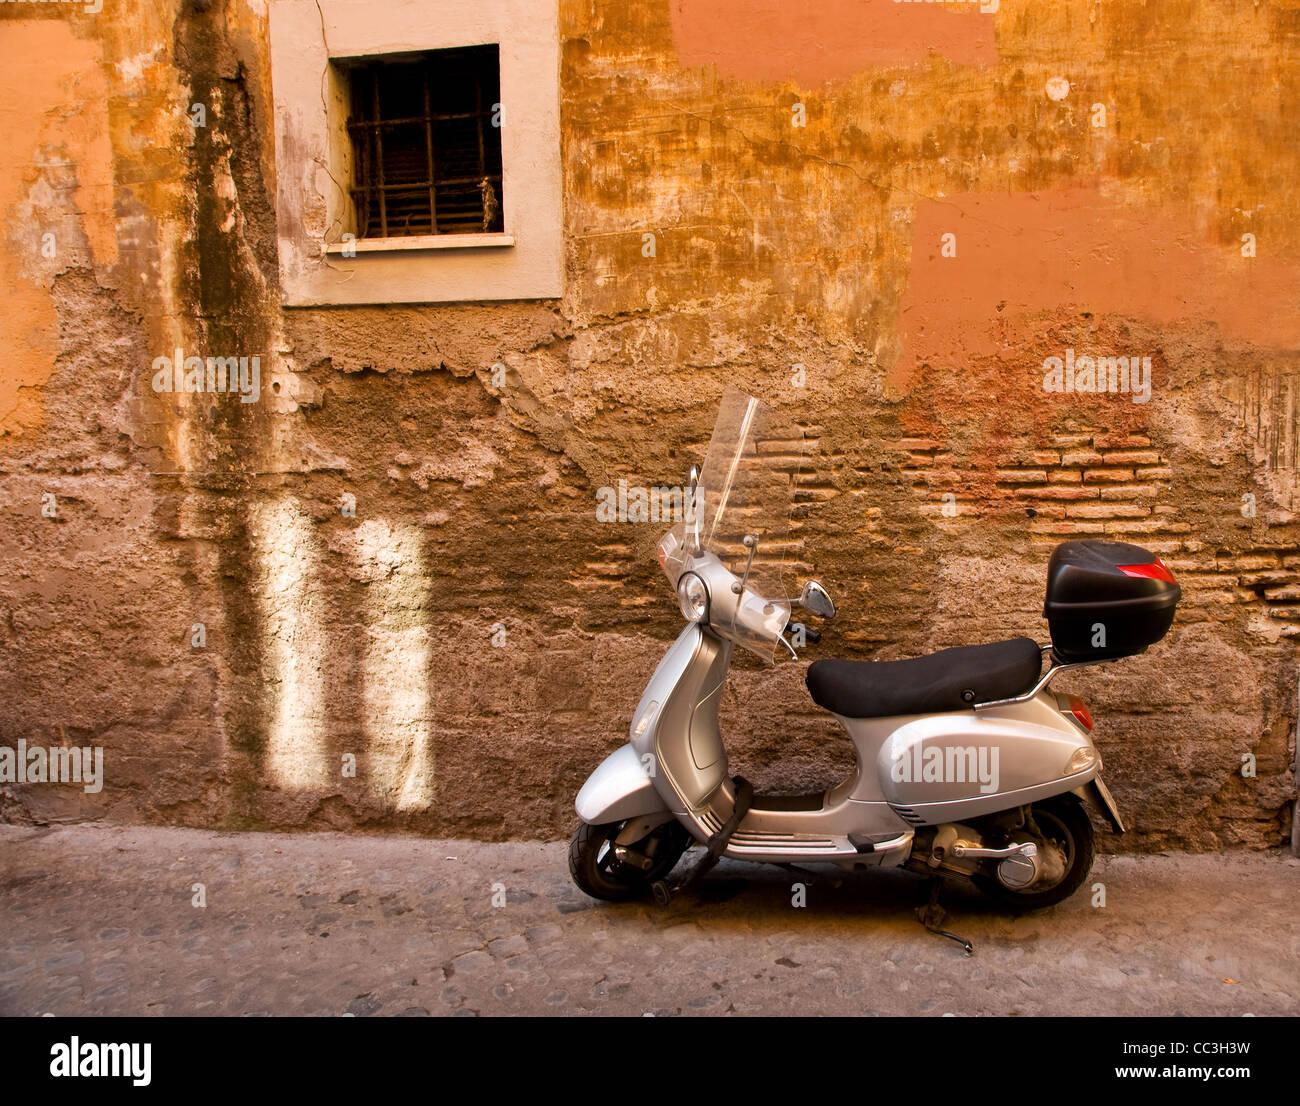 Klassische italienische Bild Stockfoto